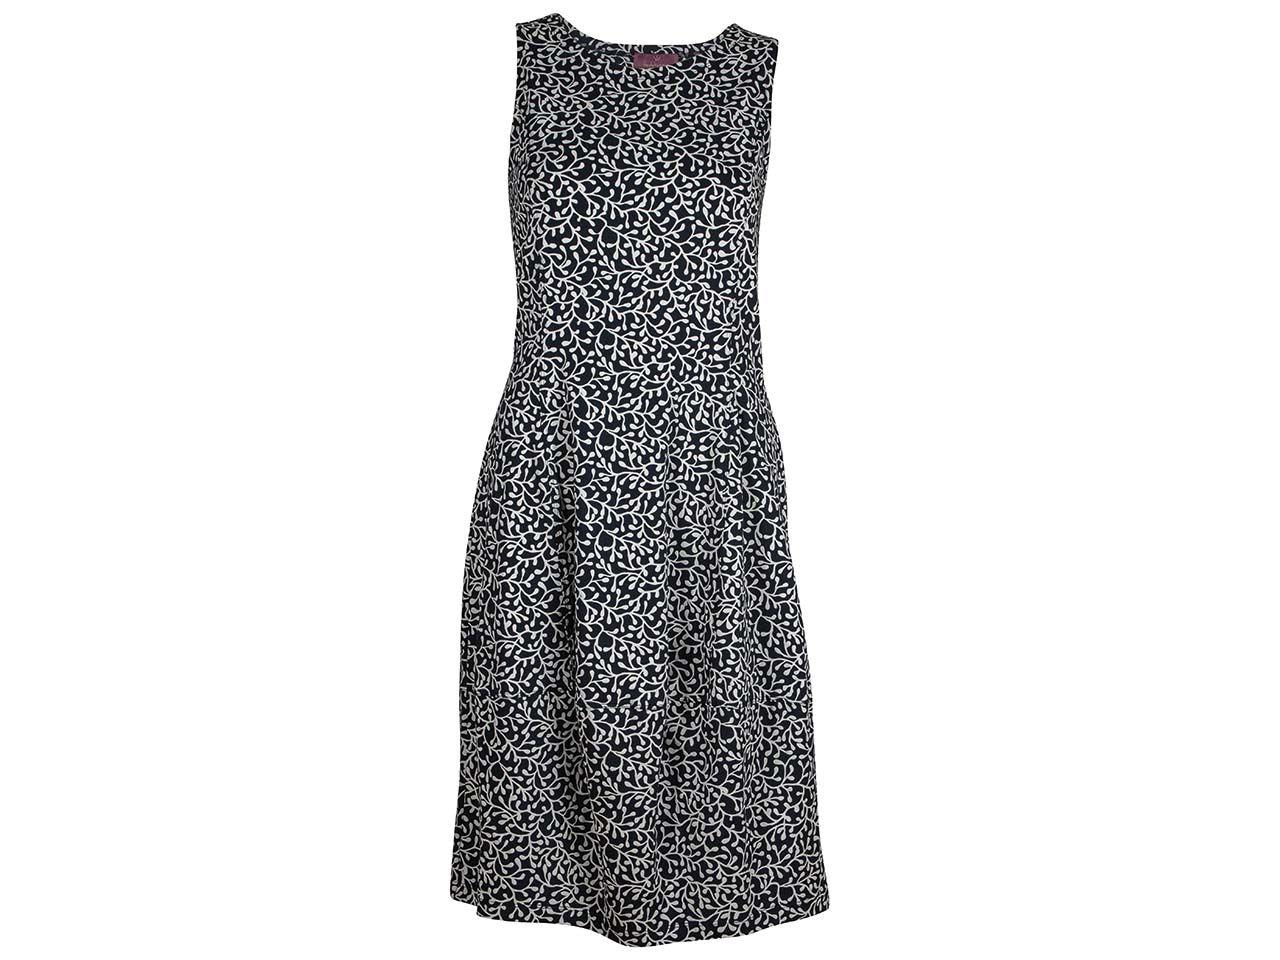 Heidekönigin Bio-Damen-Kleid, ärmellos, Serviettendruck, marine, Gr. S 32.224 40 S